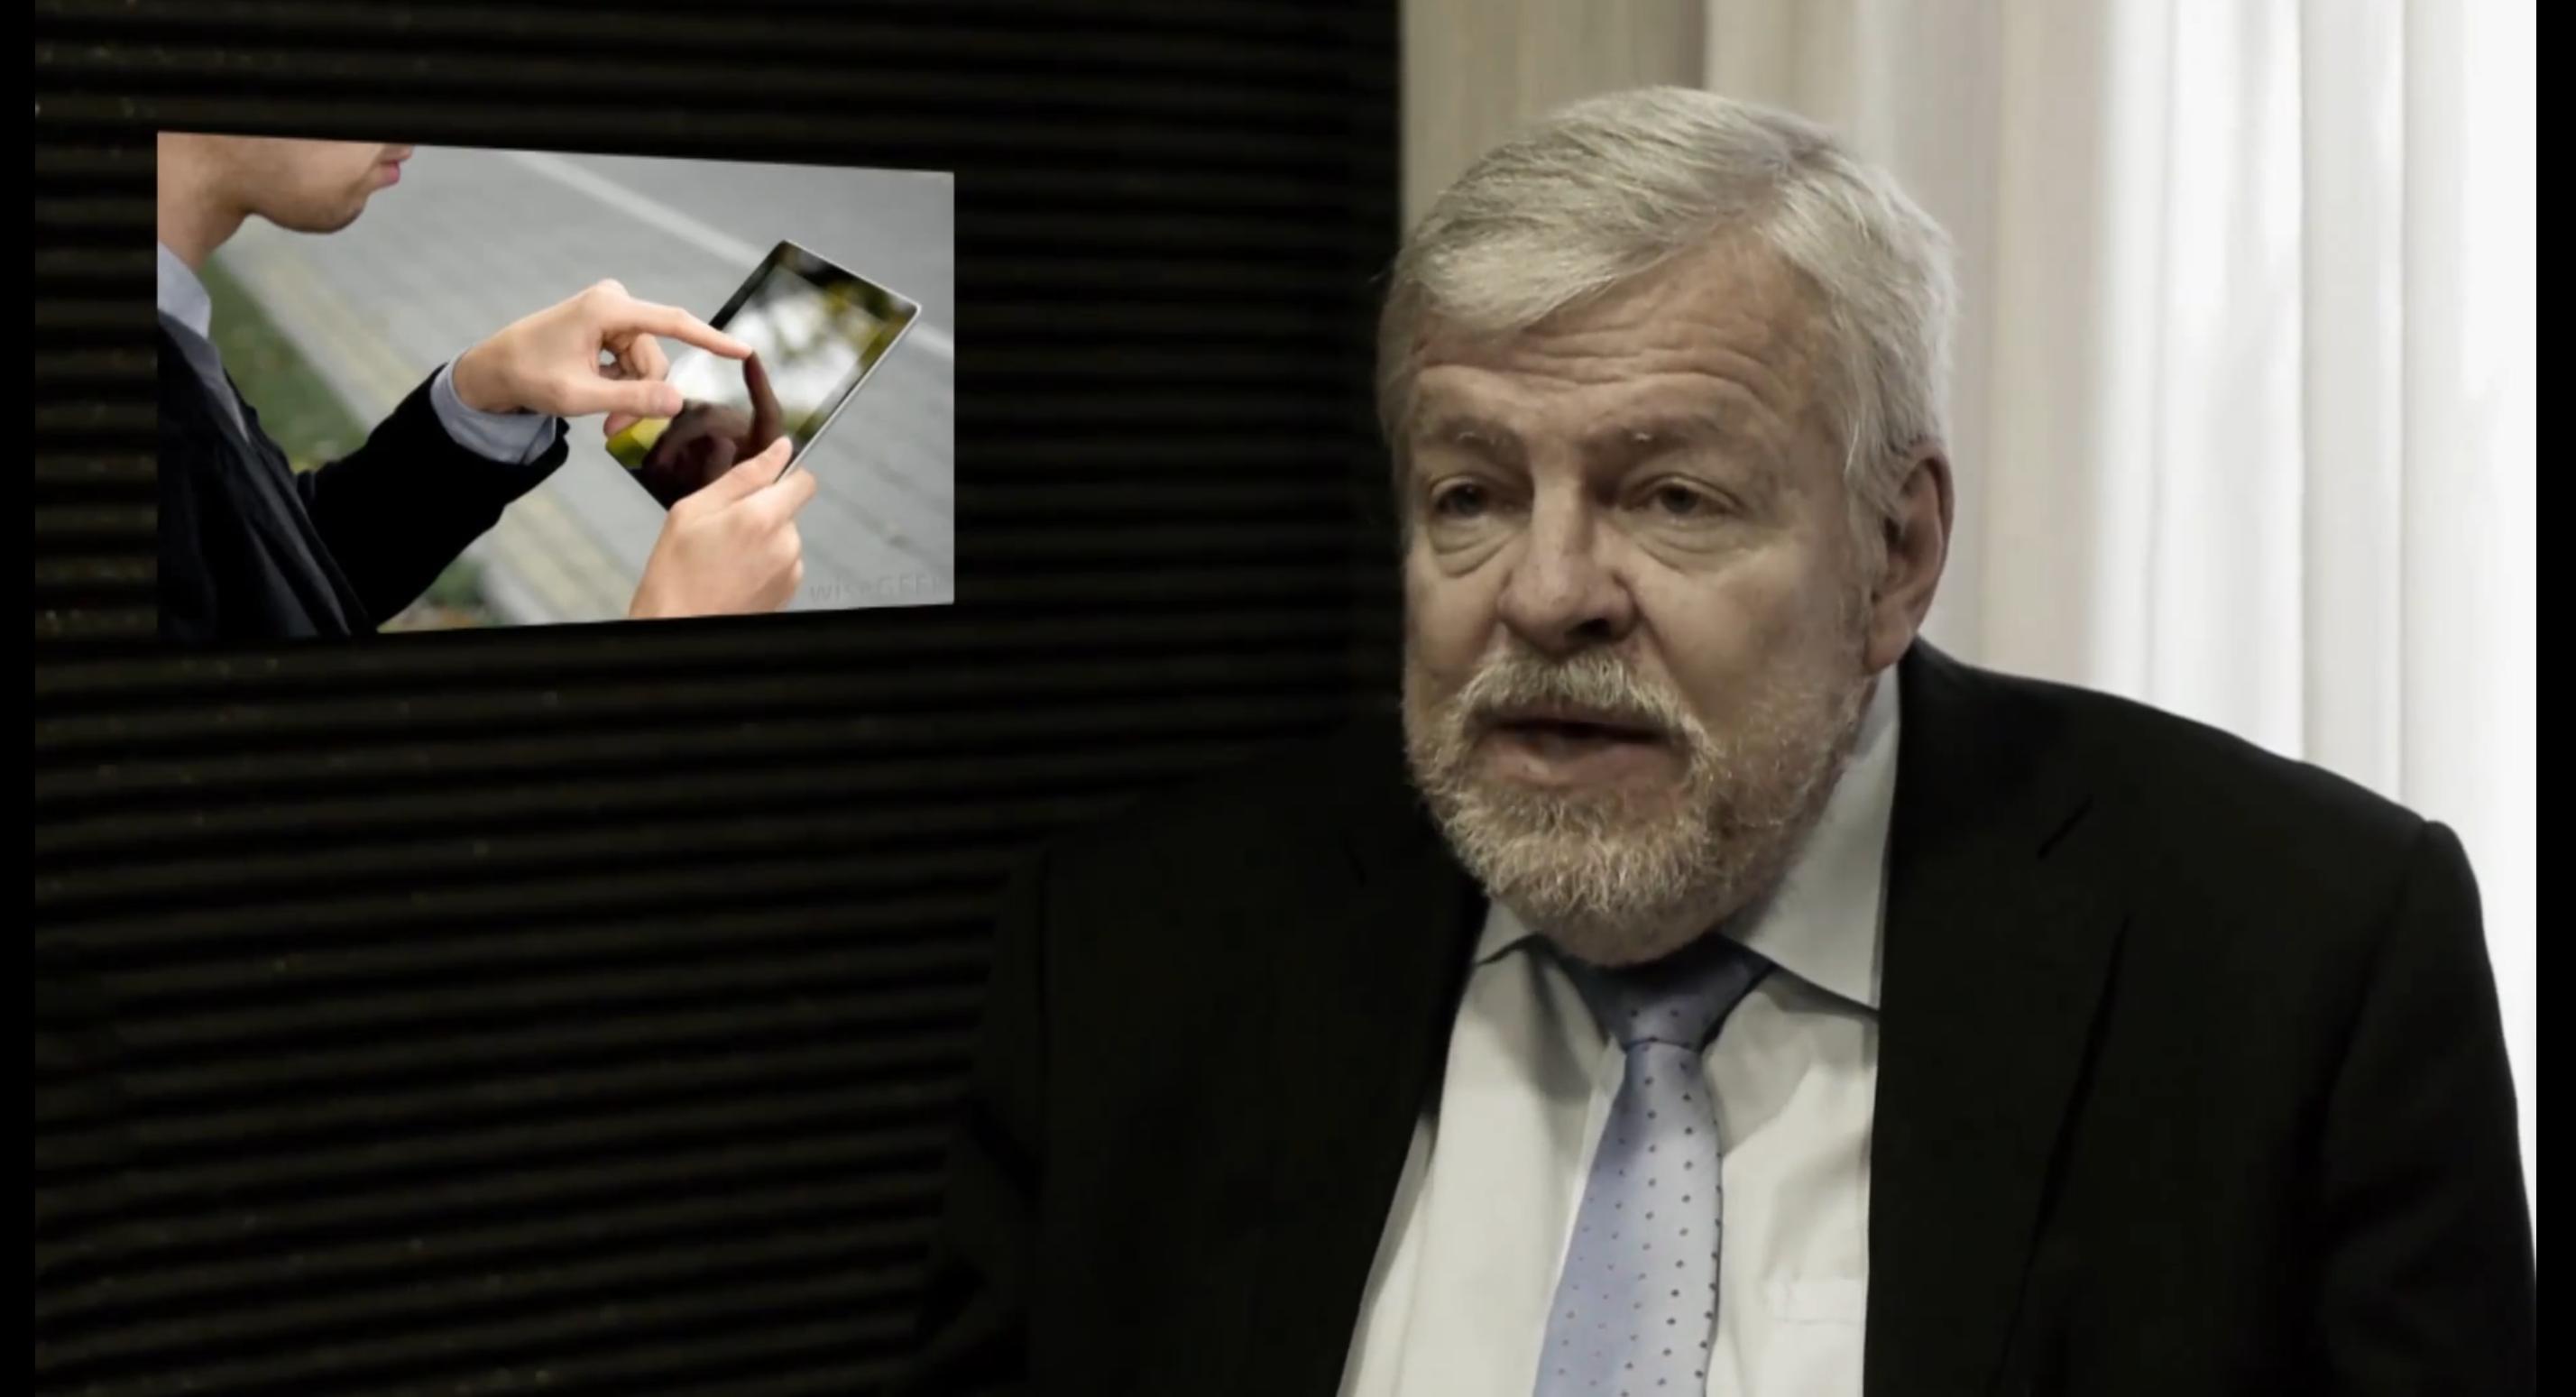 Profesor Olle Johansson objasňuje problém elektrosensitivity a vysvětluje, jak se chránit.ochraně